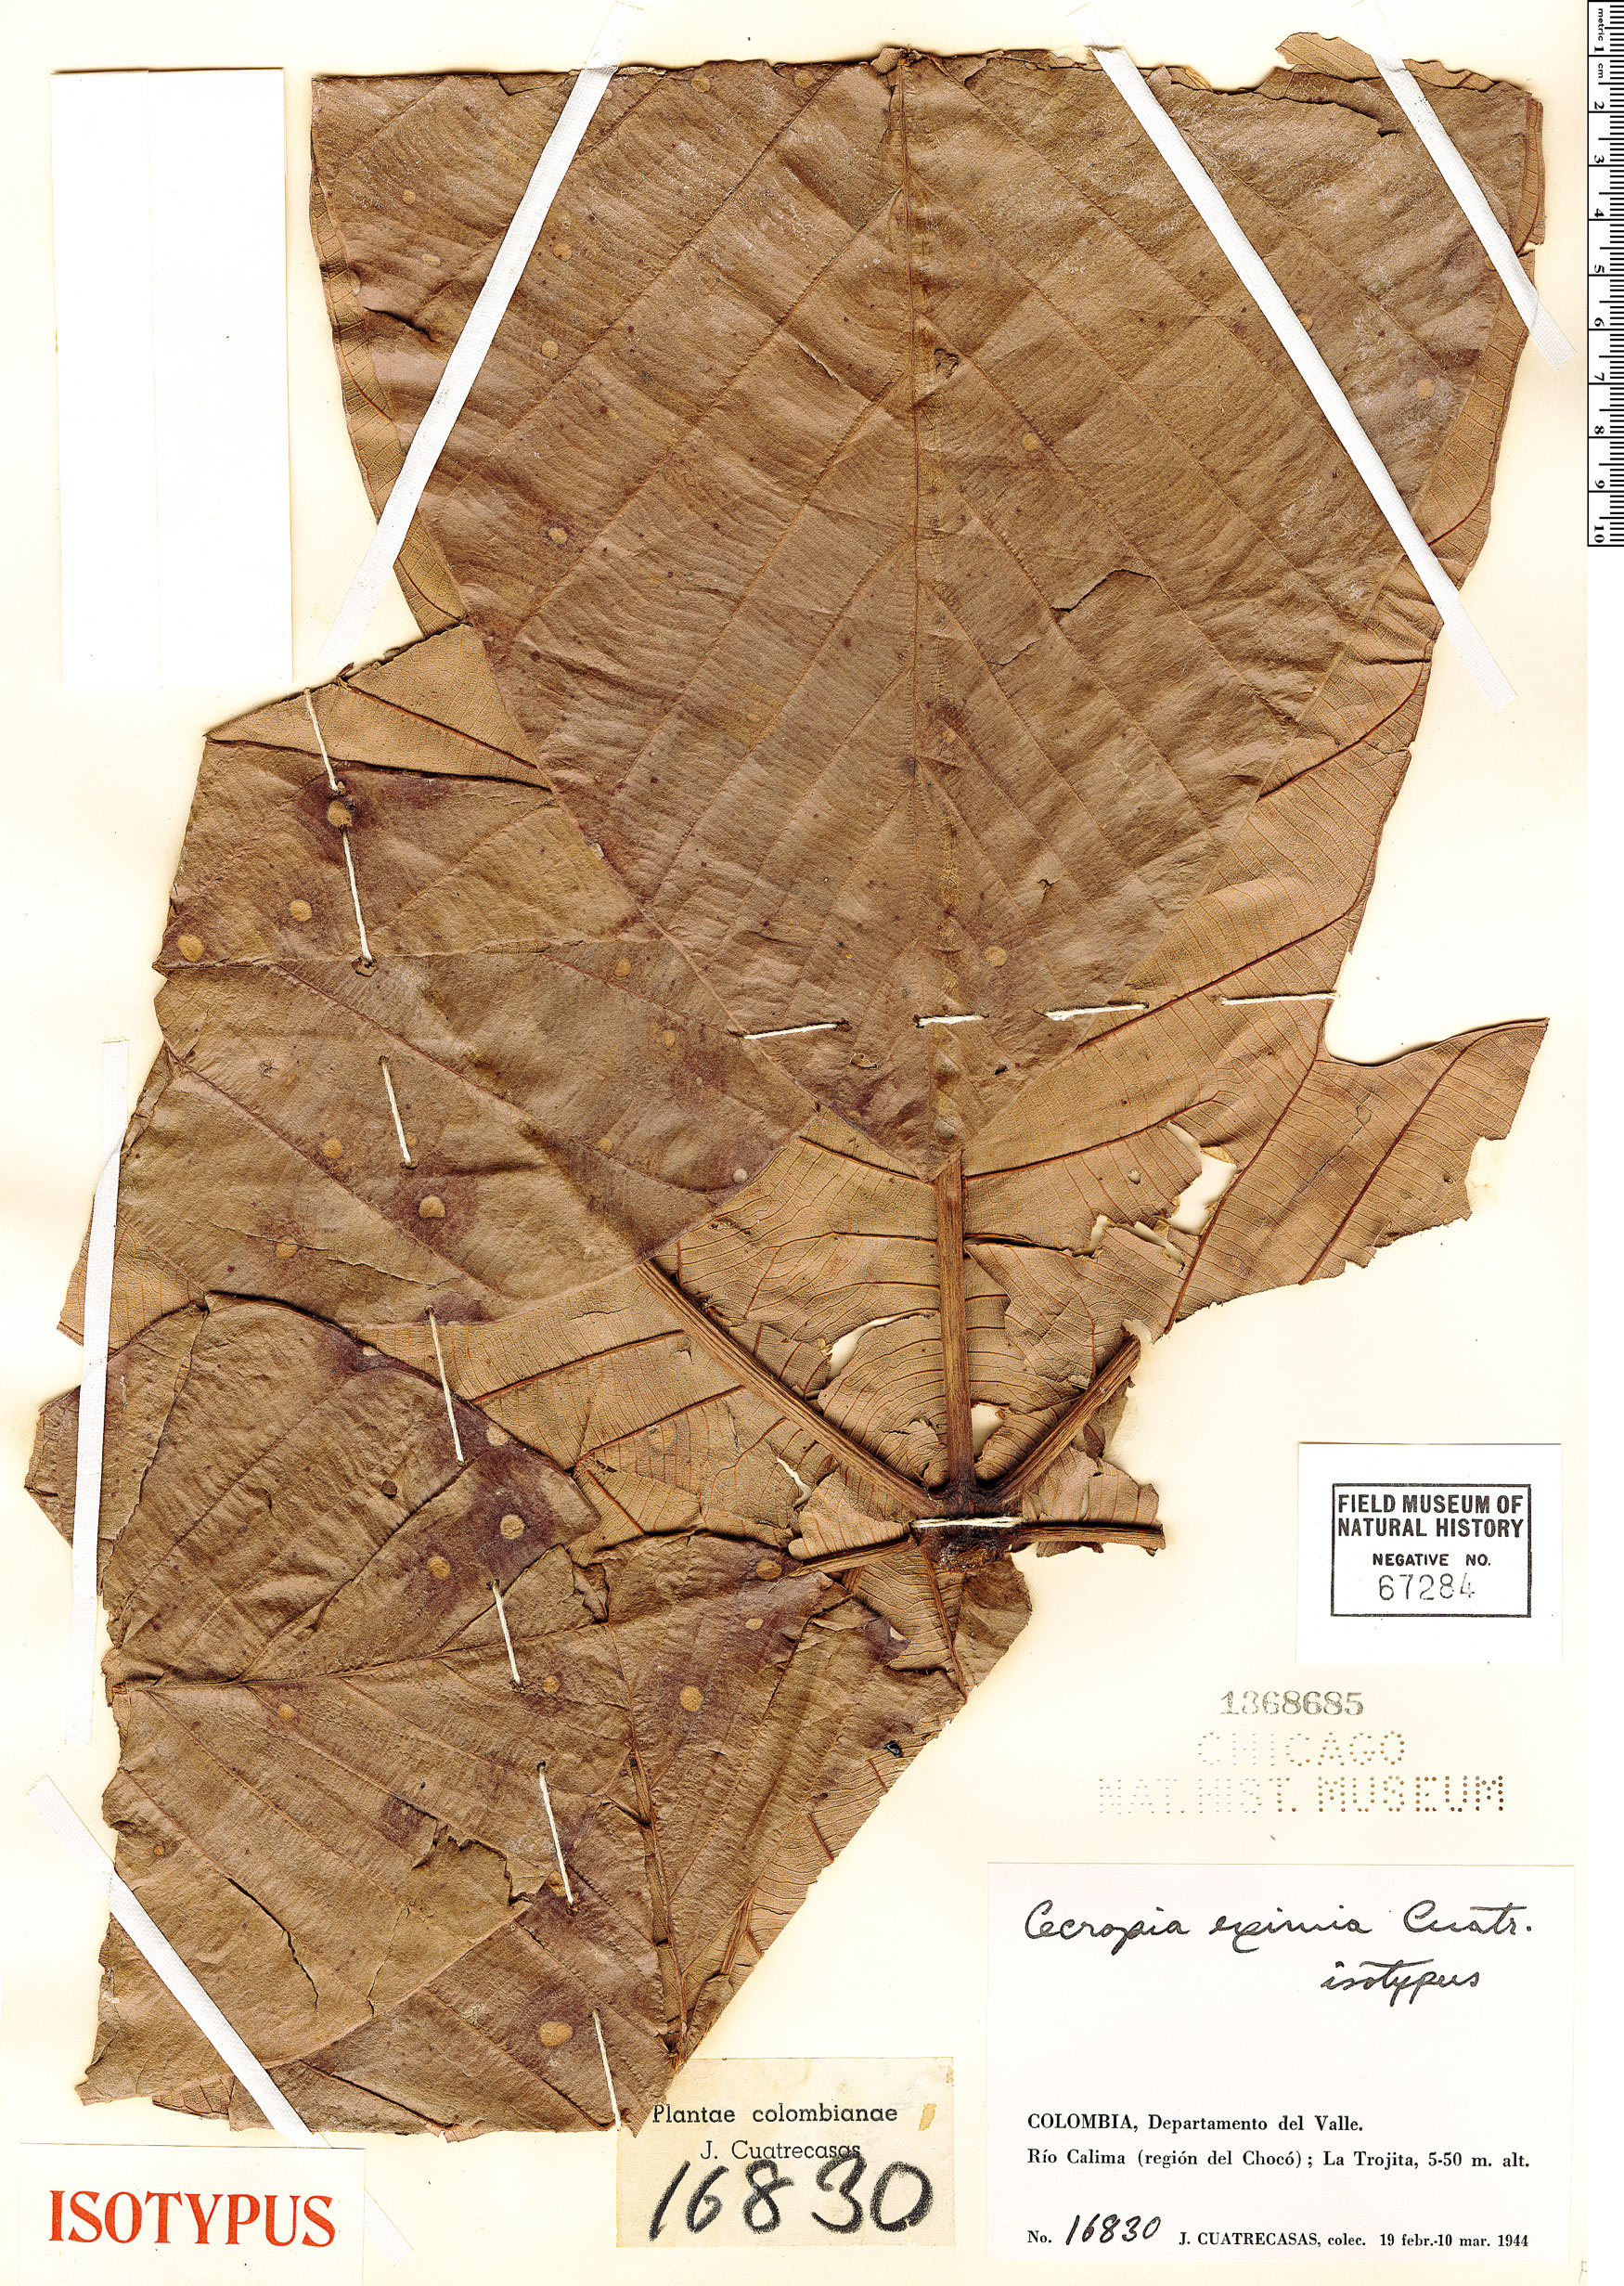 Specimen: Cecropia insignis